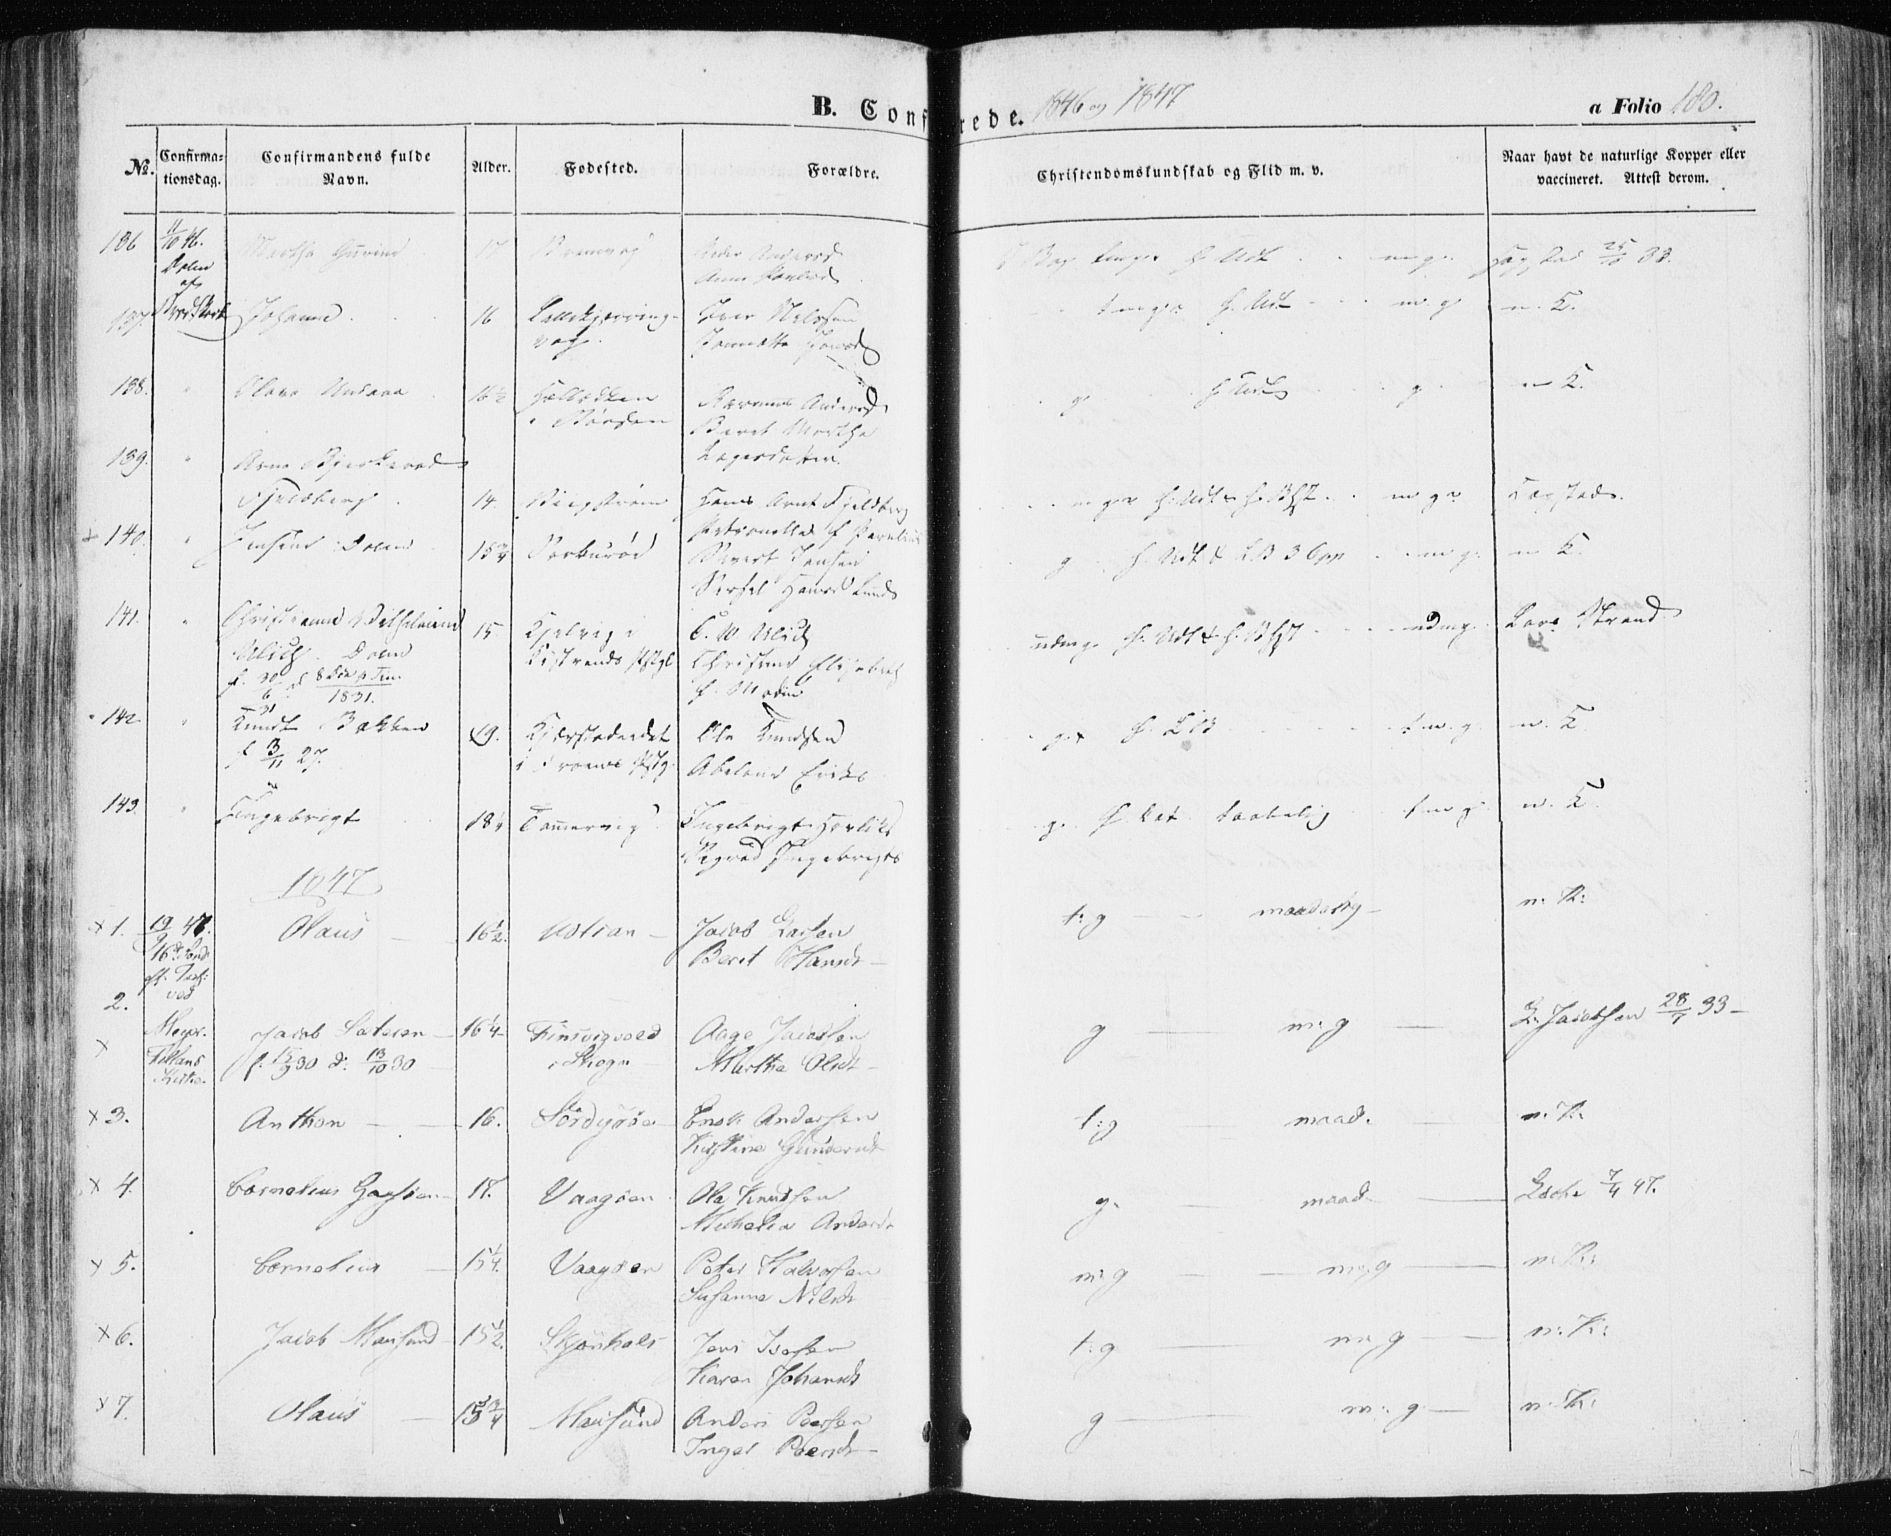 SAT, Ministerialprotokoller, klokkerbøker og fødselsregistre - Sør-Trøndelag, 634/L0529: Ministerialbok nr. 634A05, 1843-1851, s. 180